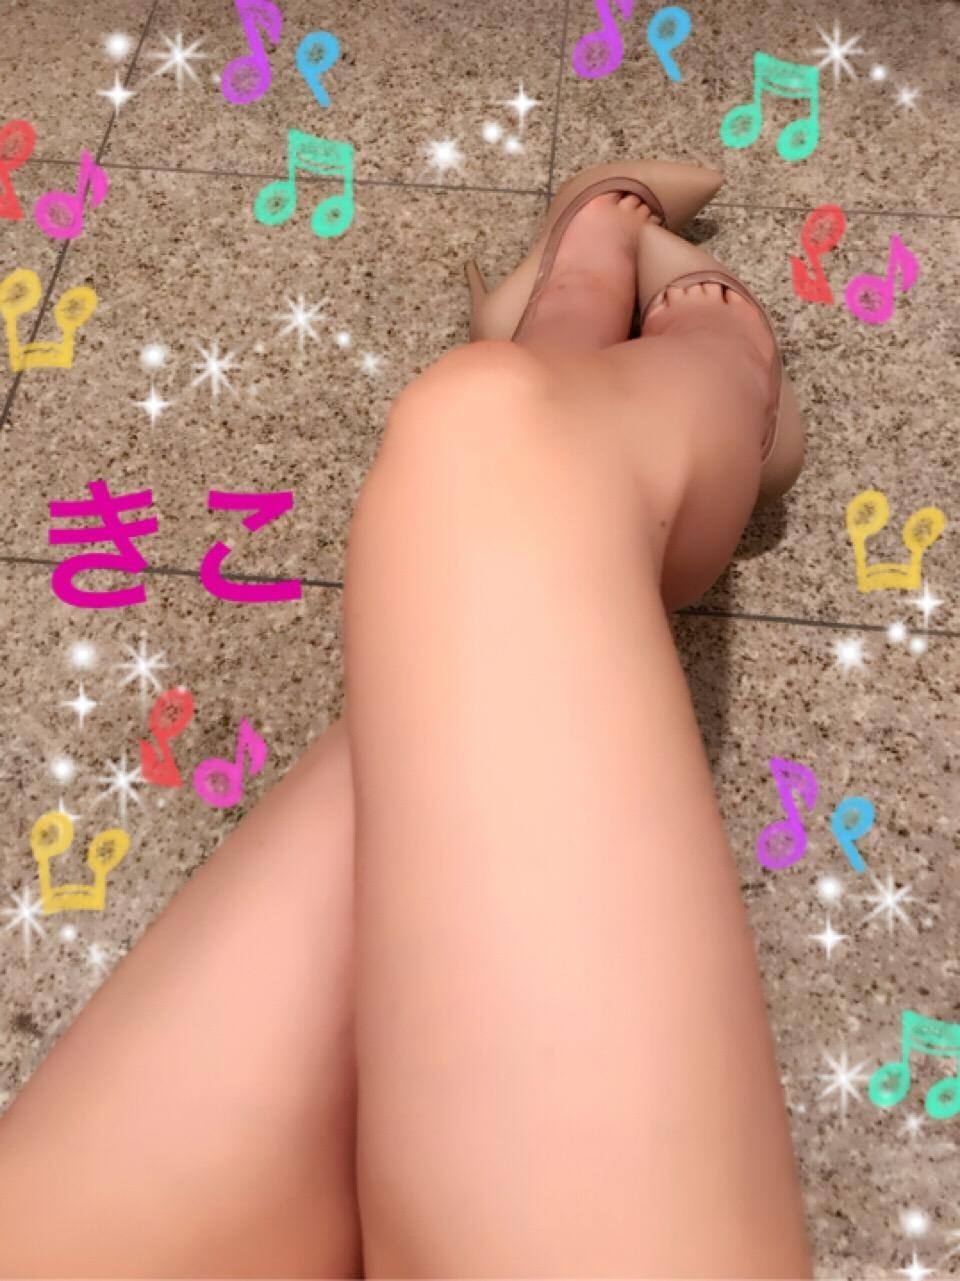 「今日も♡」06/23(06/23) 15:45 | きこ奥様の写メ・風俗動画